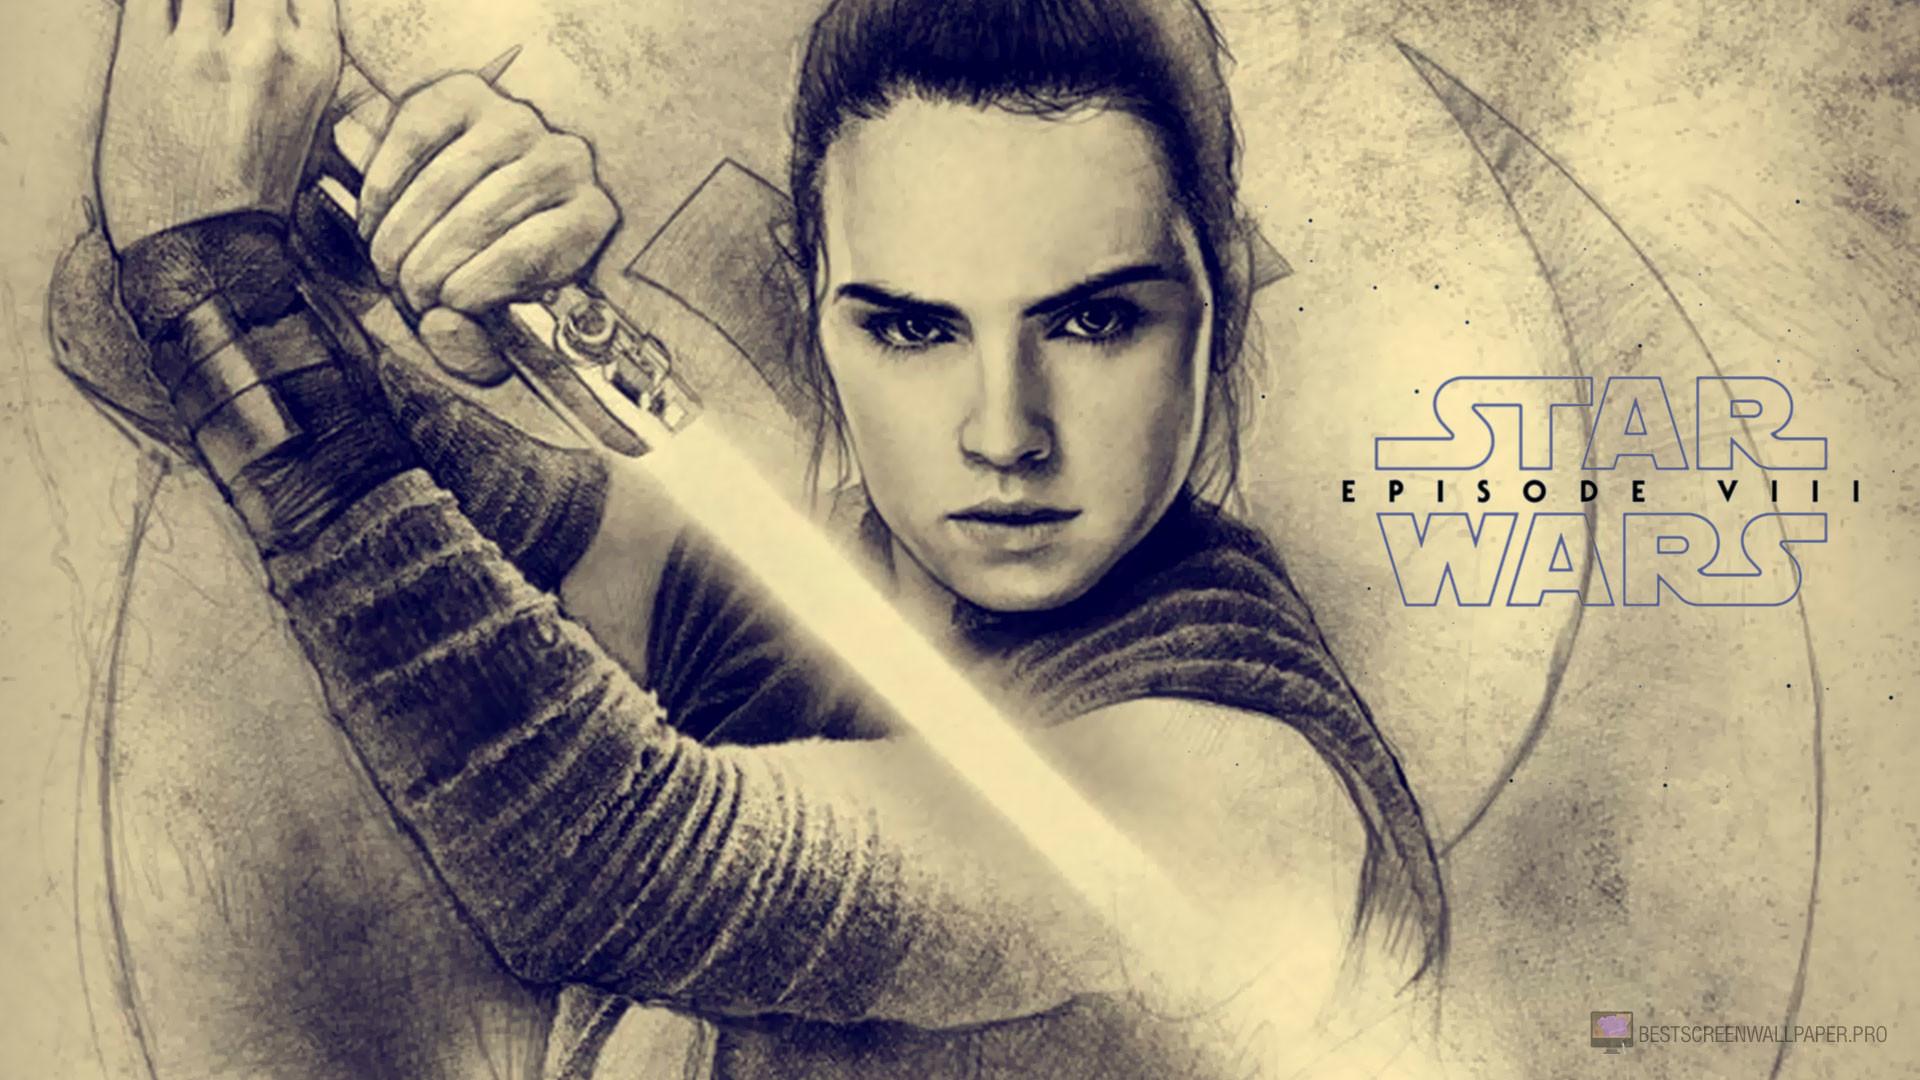 Movie – Star Wars Episode VIII: The Last Jedi Rey (Star Wars) Wallpaper